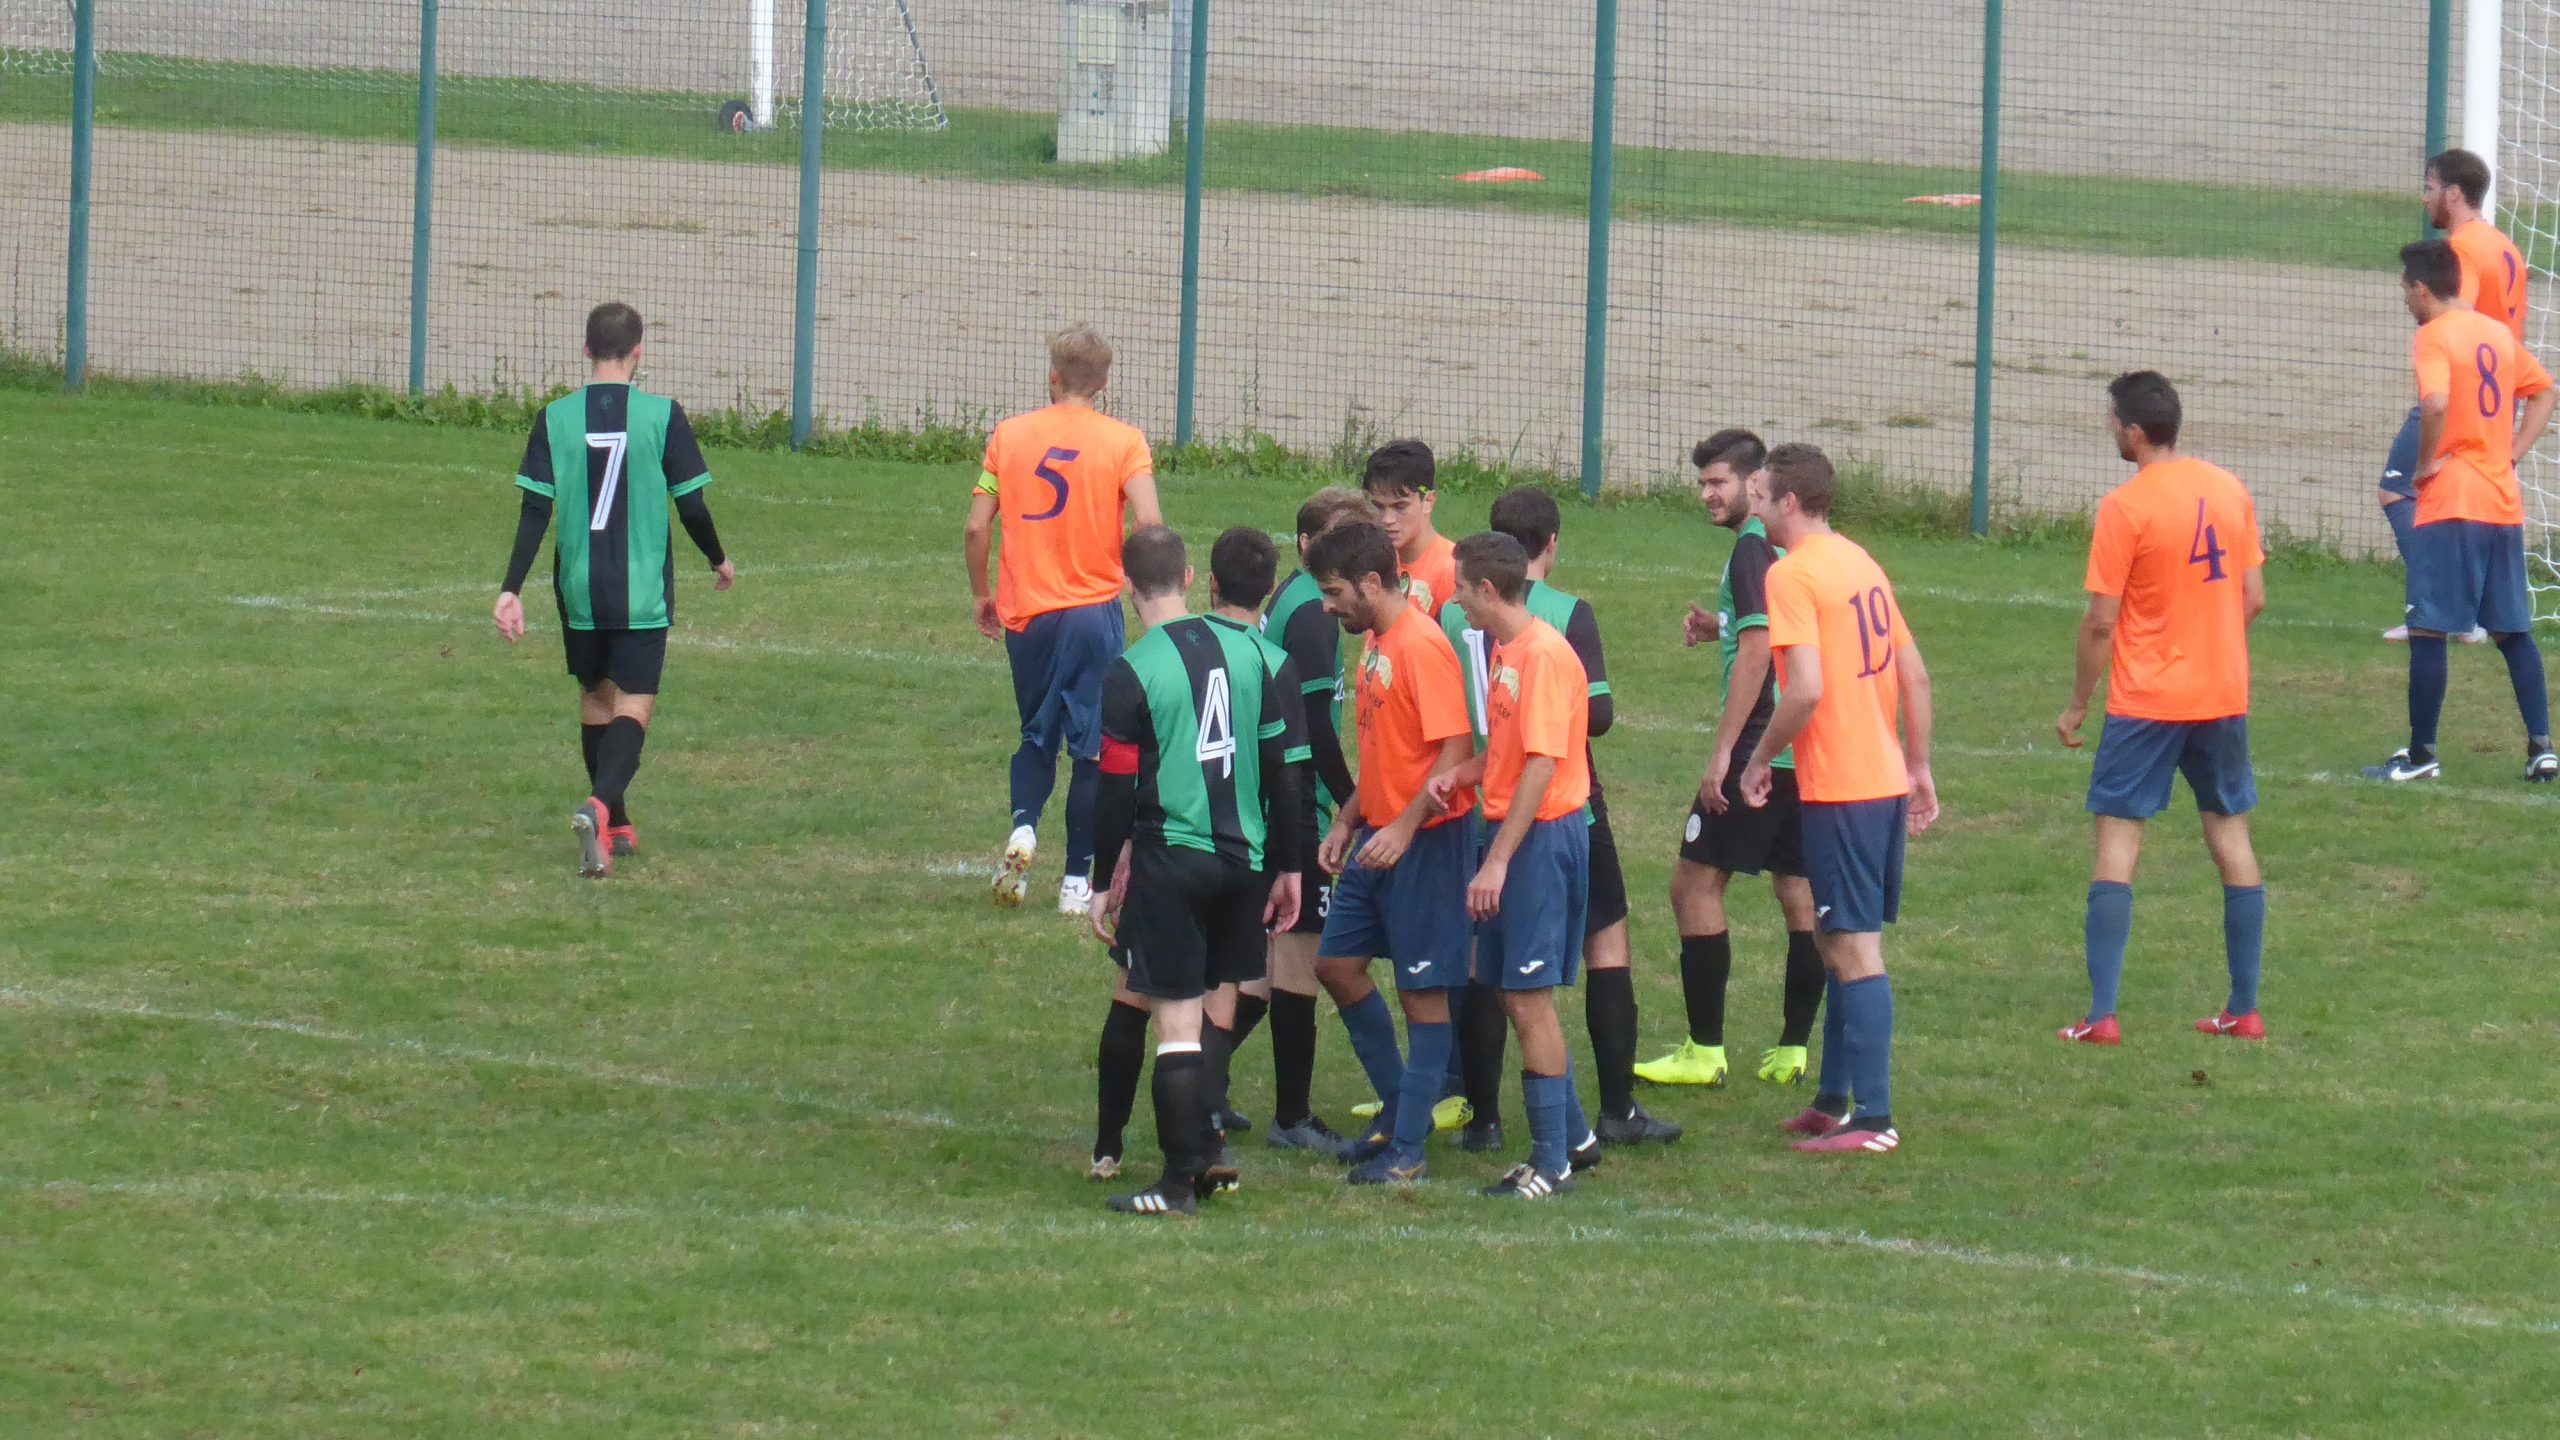 RIASSUNTO PARTITA – Arriva il primo squillo in campionato.